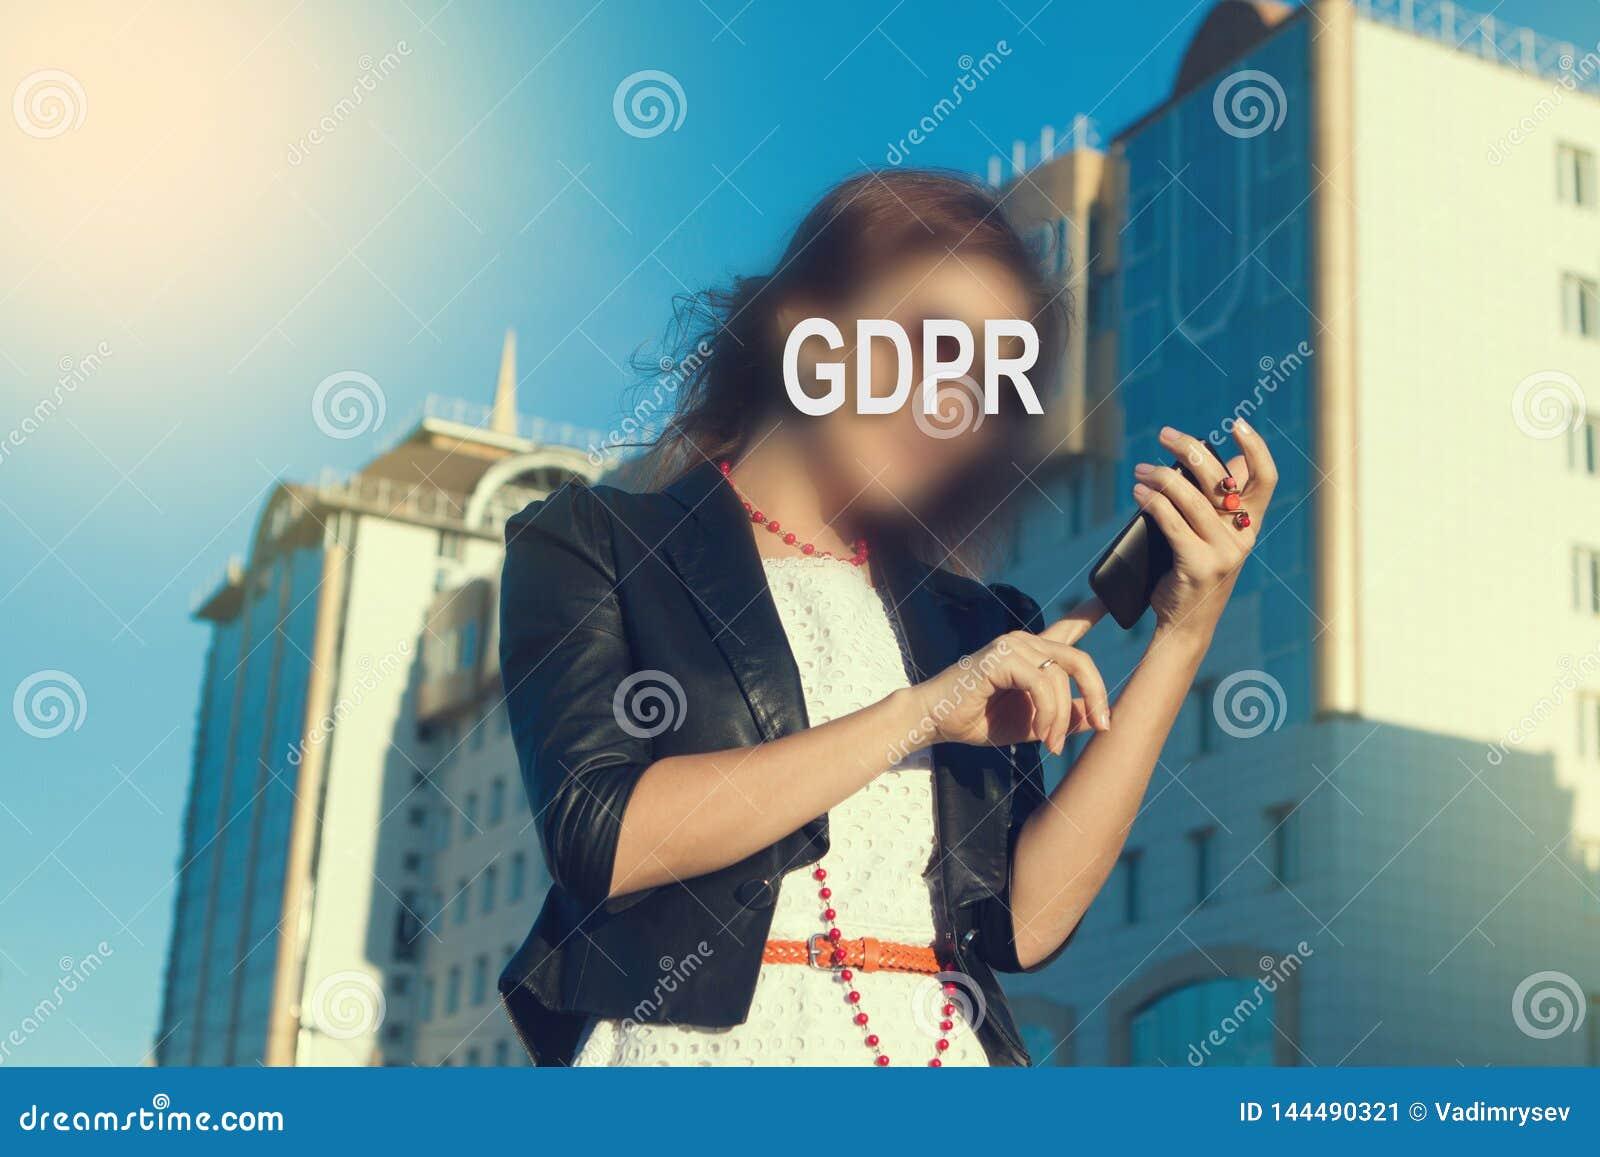 GDPR - kobieta chuje jej twarz z inskrypcją GDPR